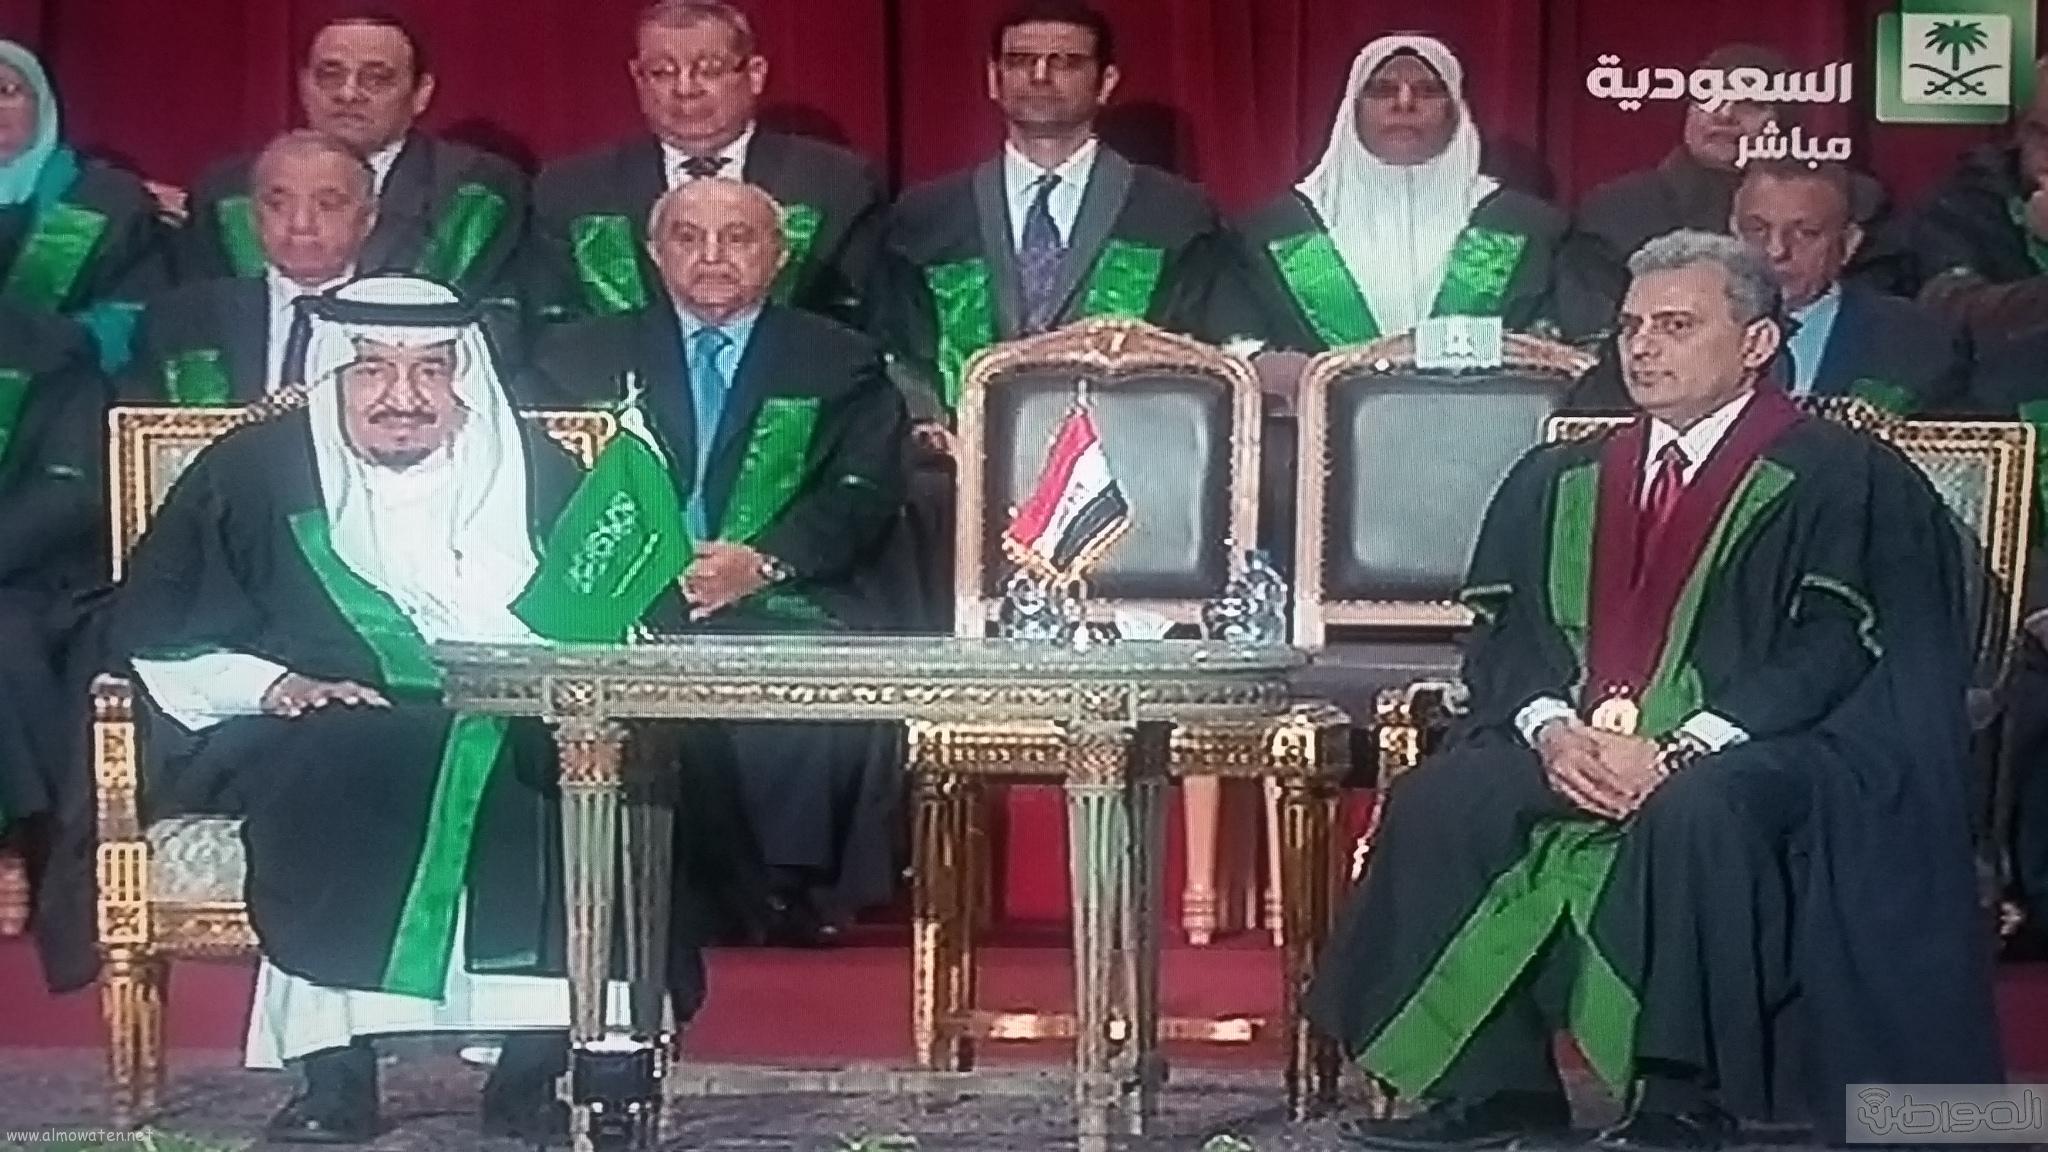 وصول الملك سلمان لجامعة القاهرة (5)